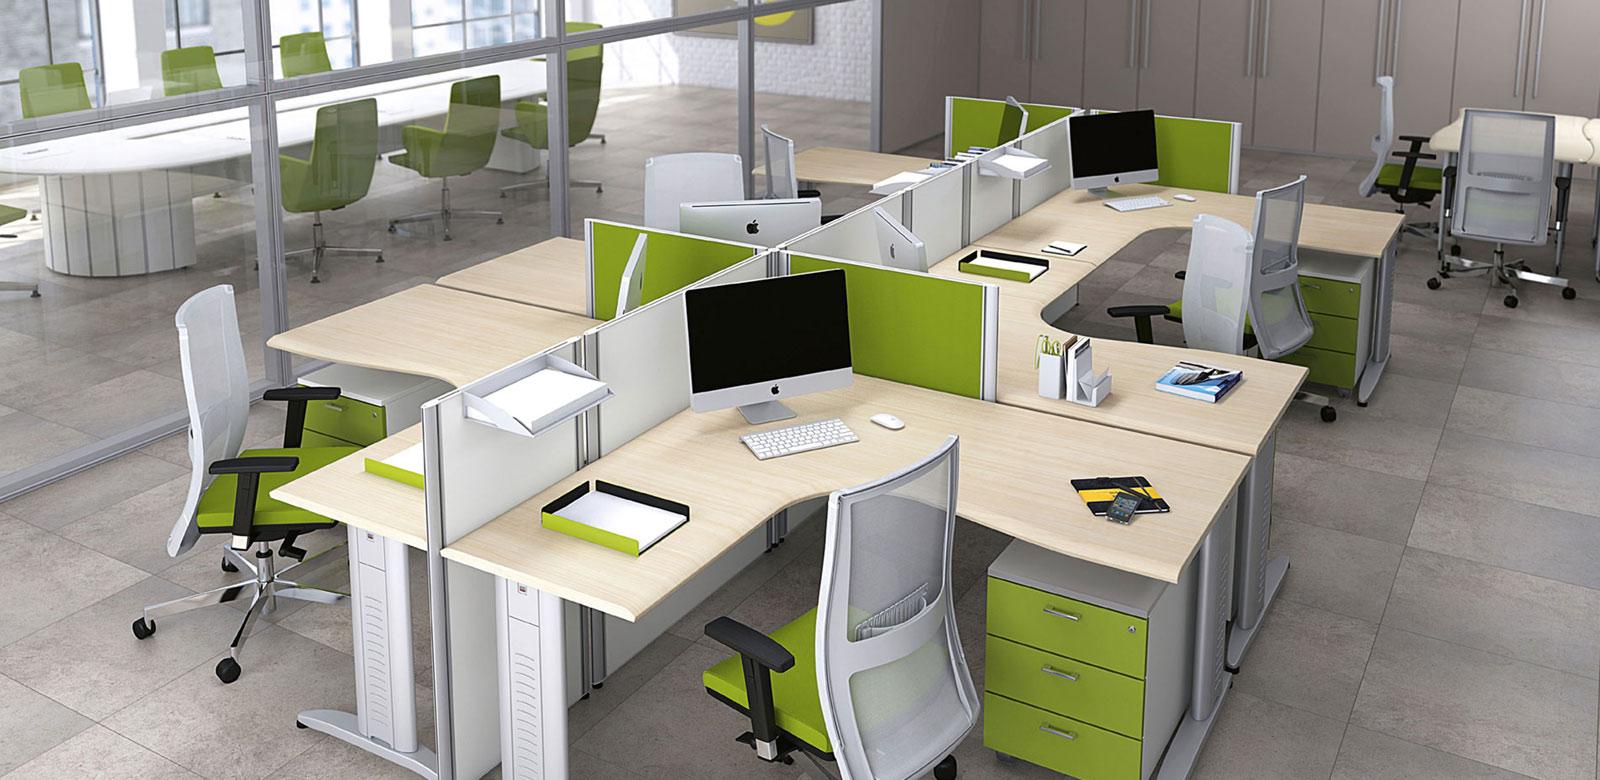 Arredo ufficio arredamento e mobili per ufficio su misura for Arredamento tavoli